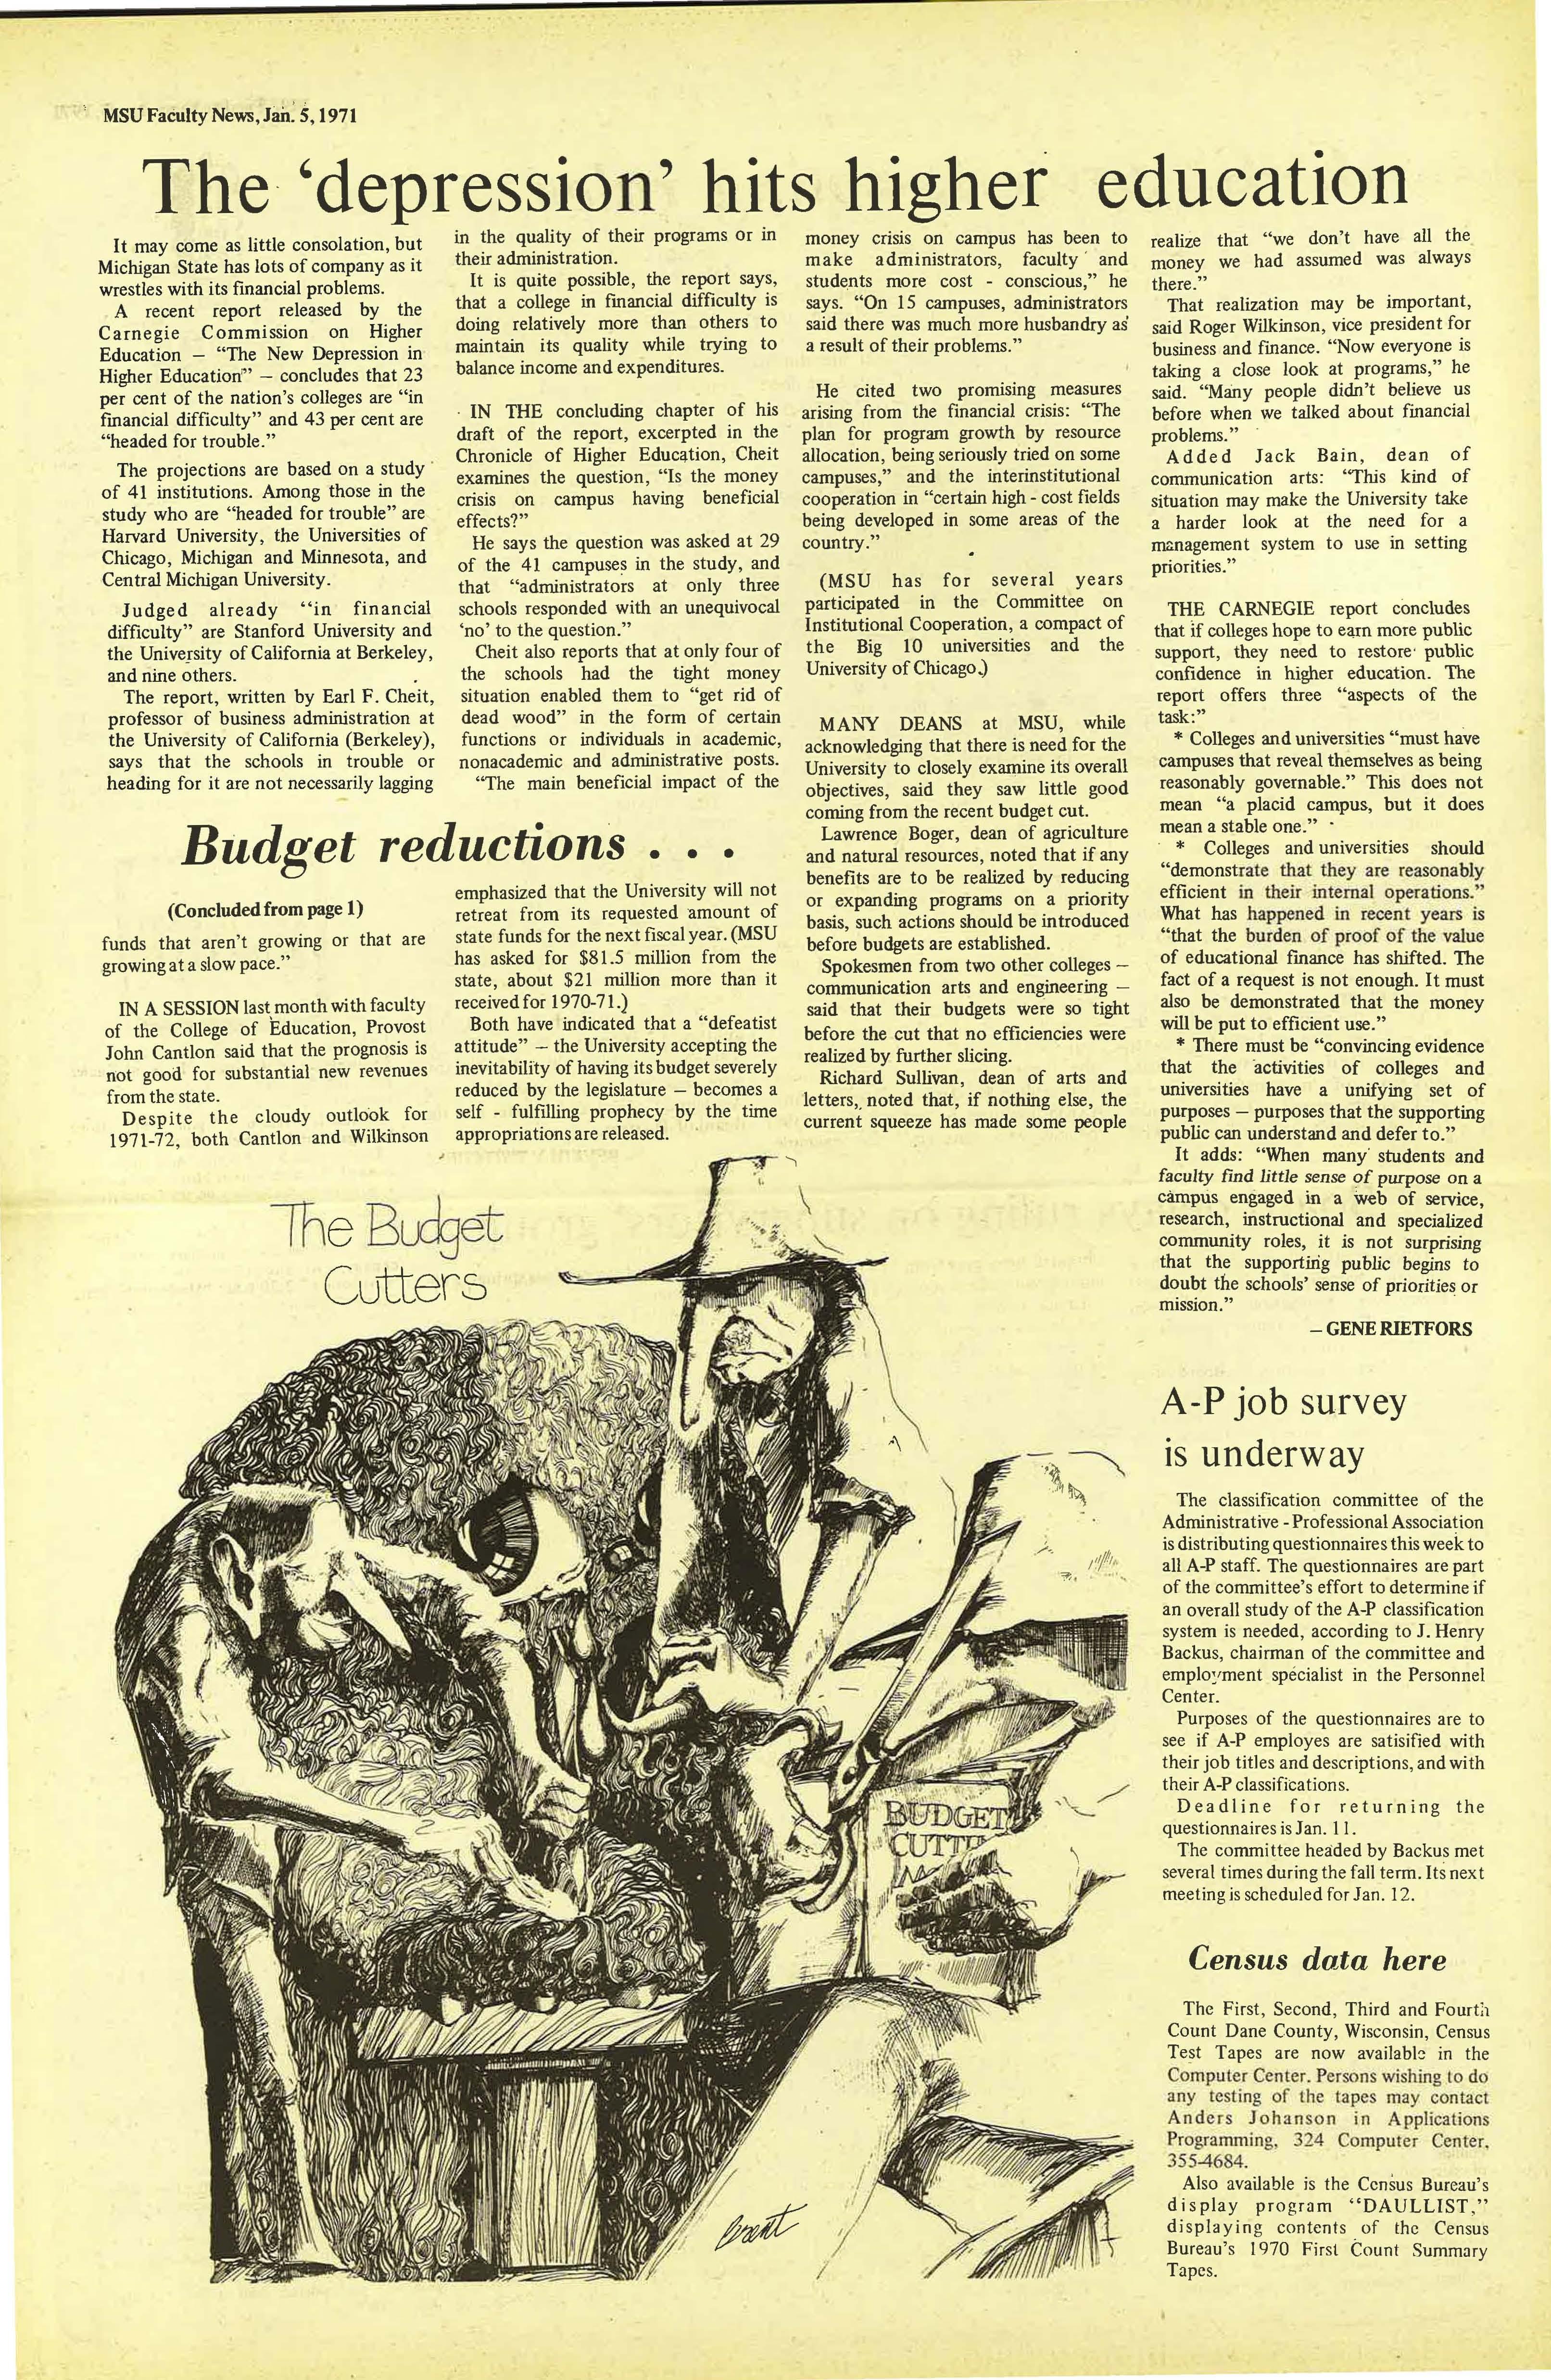 MSU News Bulletin, vol. 2, No. 26, May 6, 1971